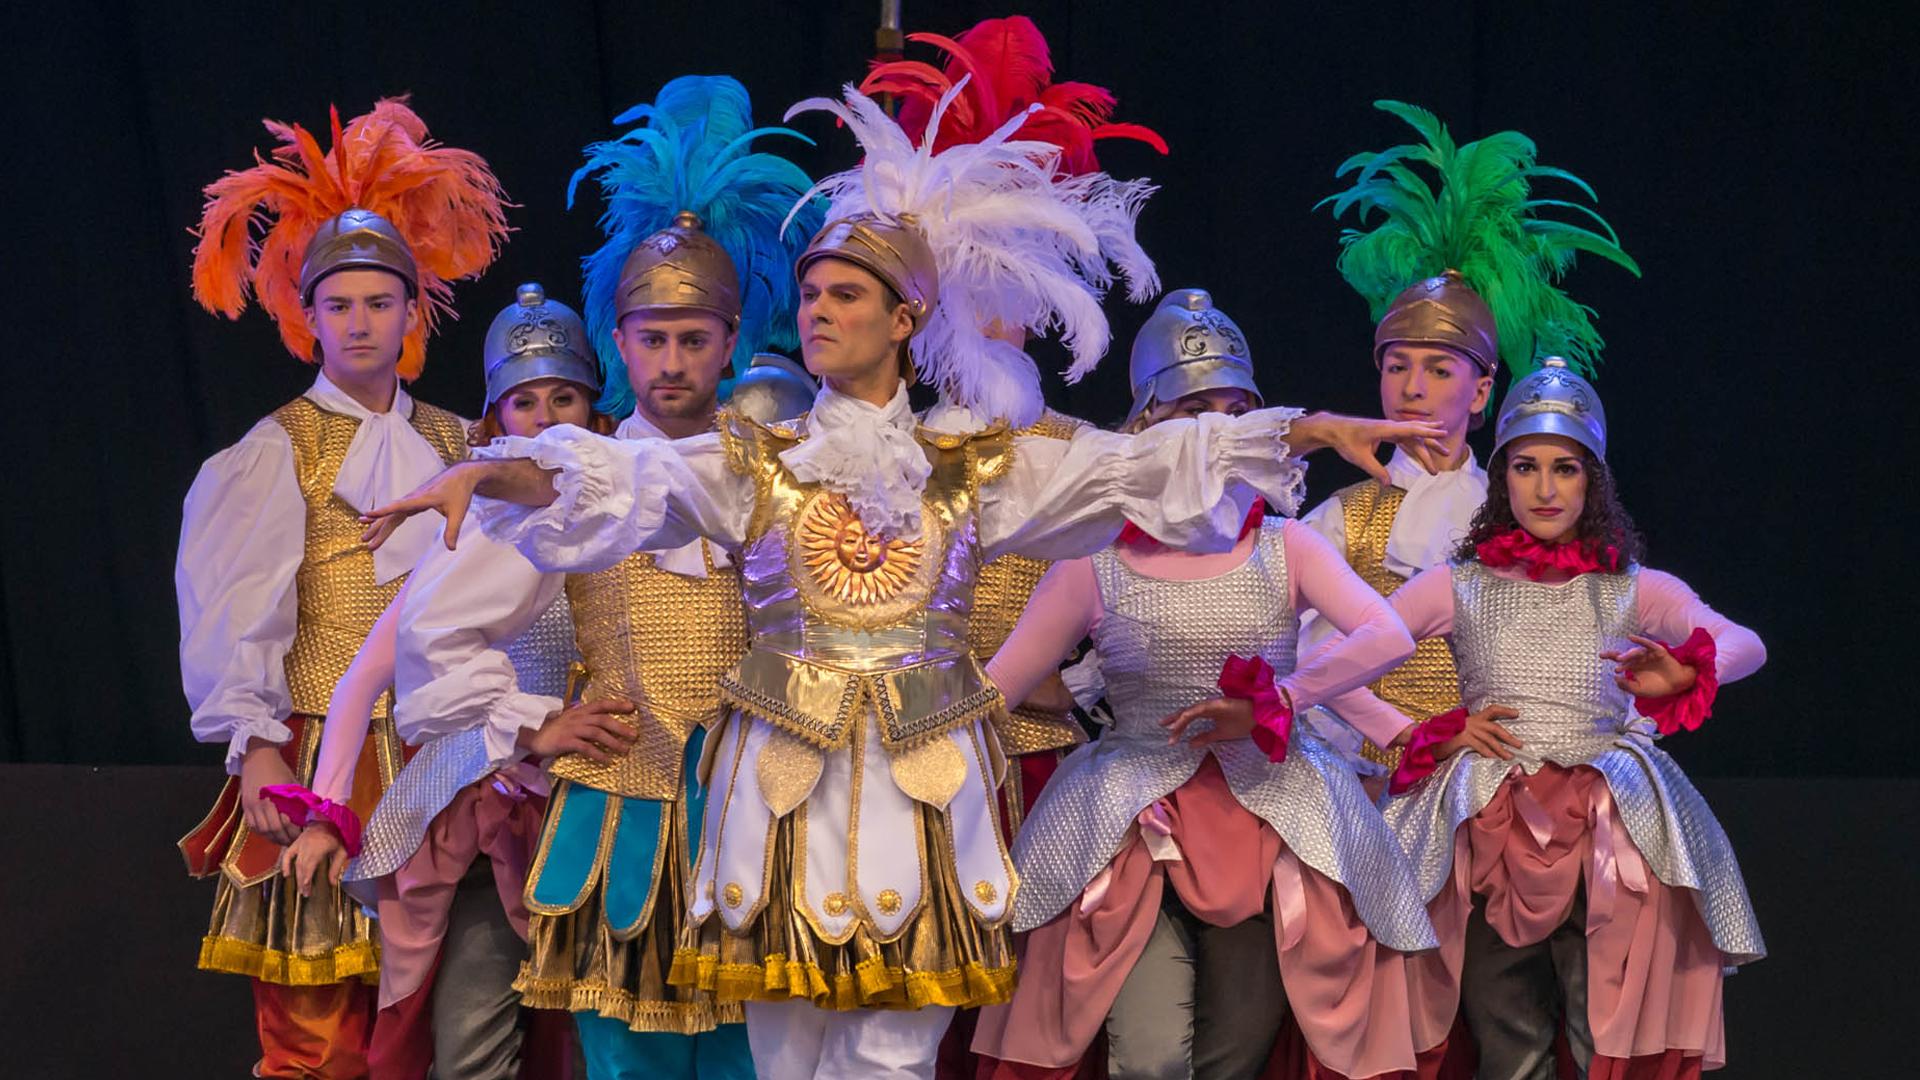 GRAND FINALE OF THE 19. CRACOVIA DANZA COURT DANCE FESTIVAL